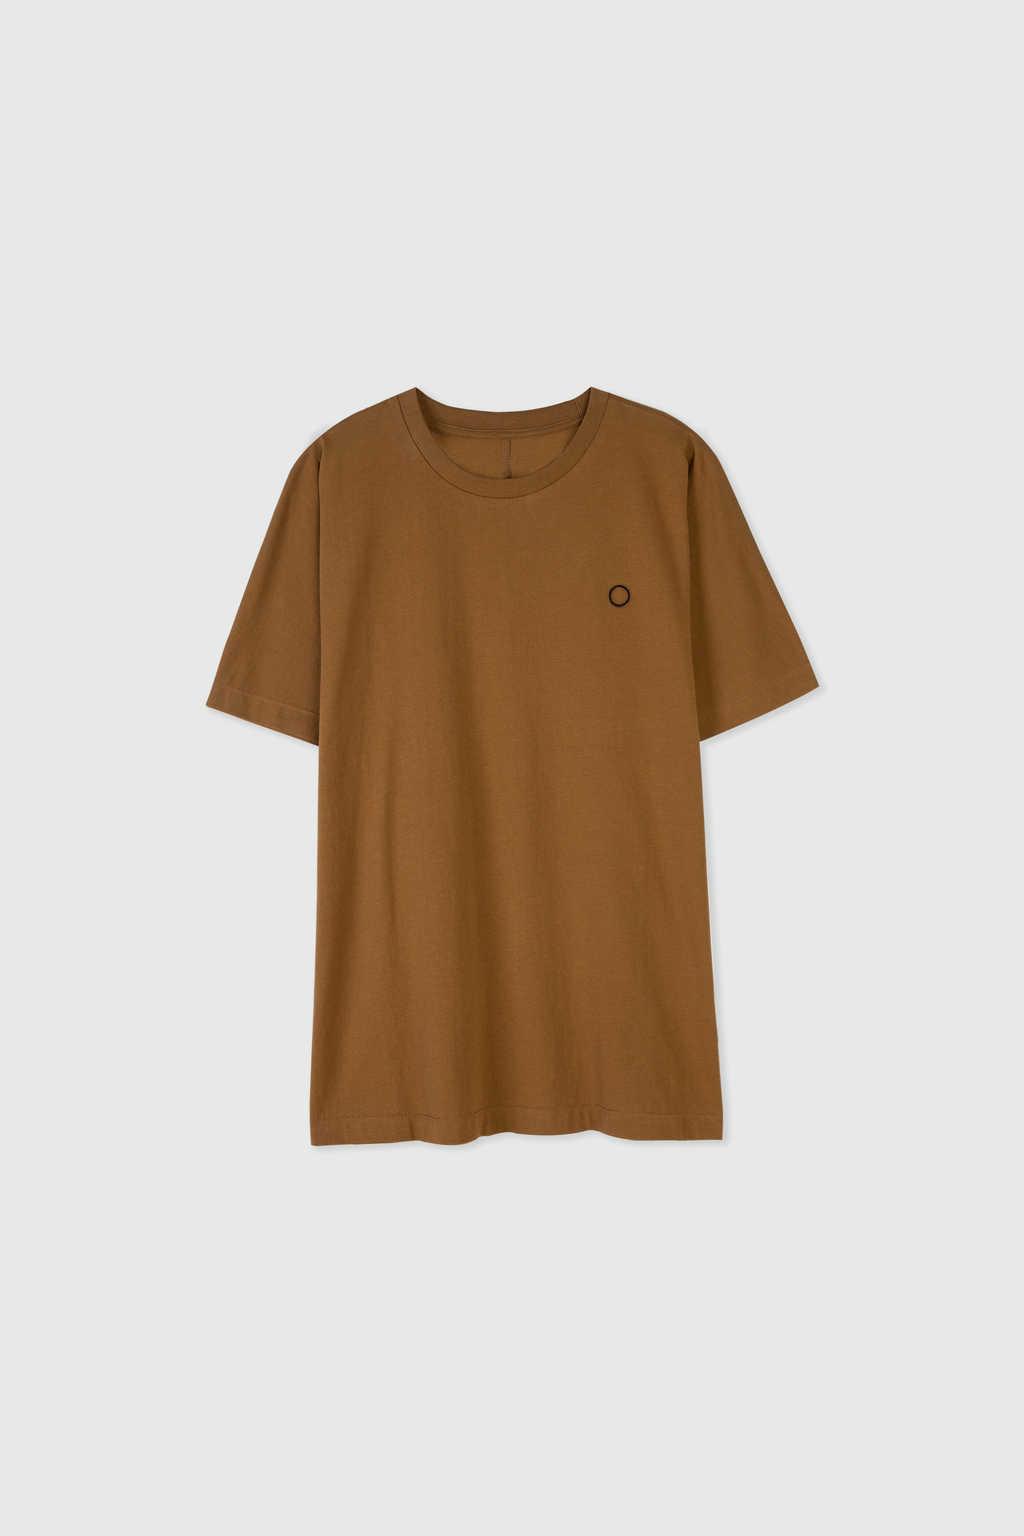 TShirt 3315 Olive 17